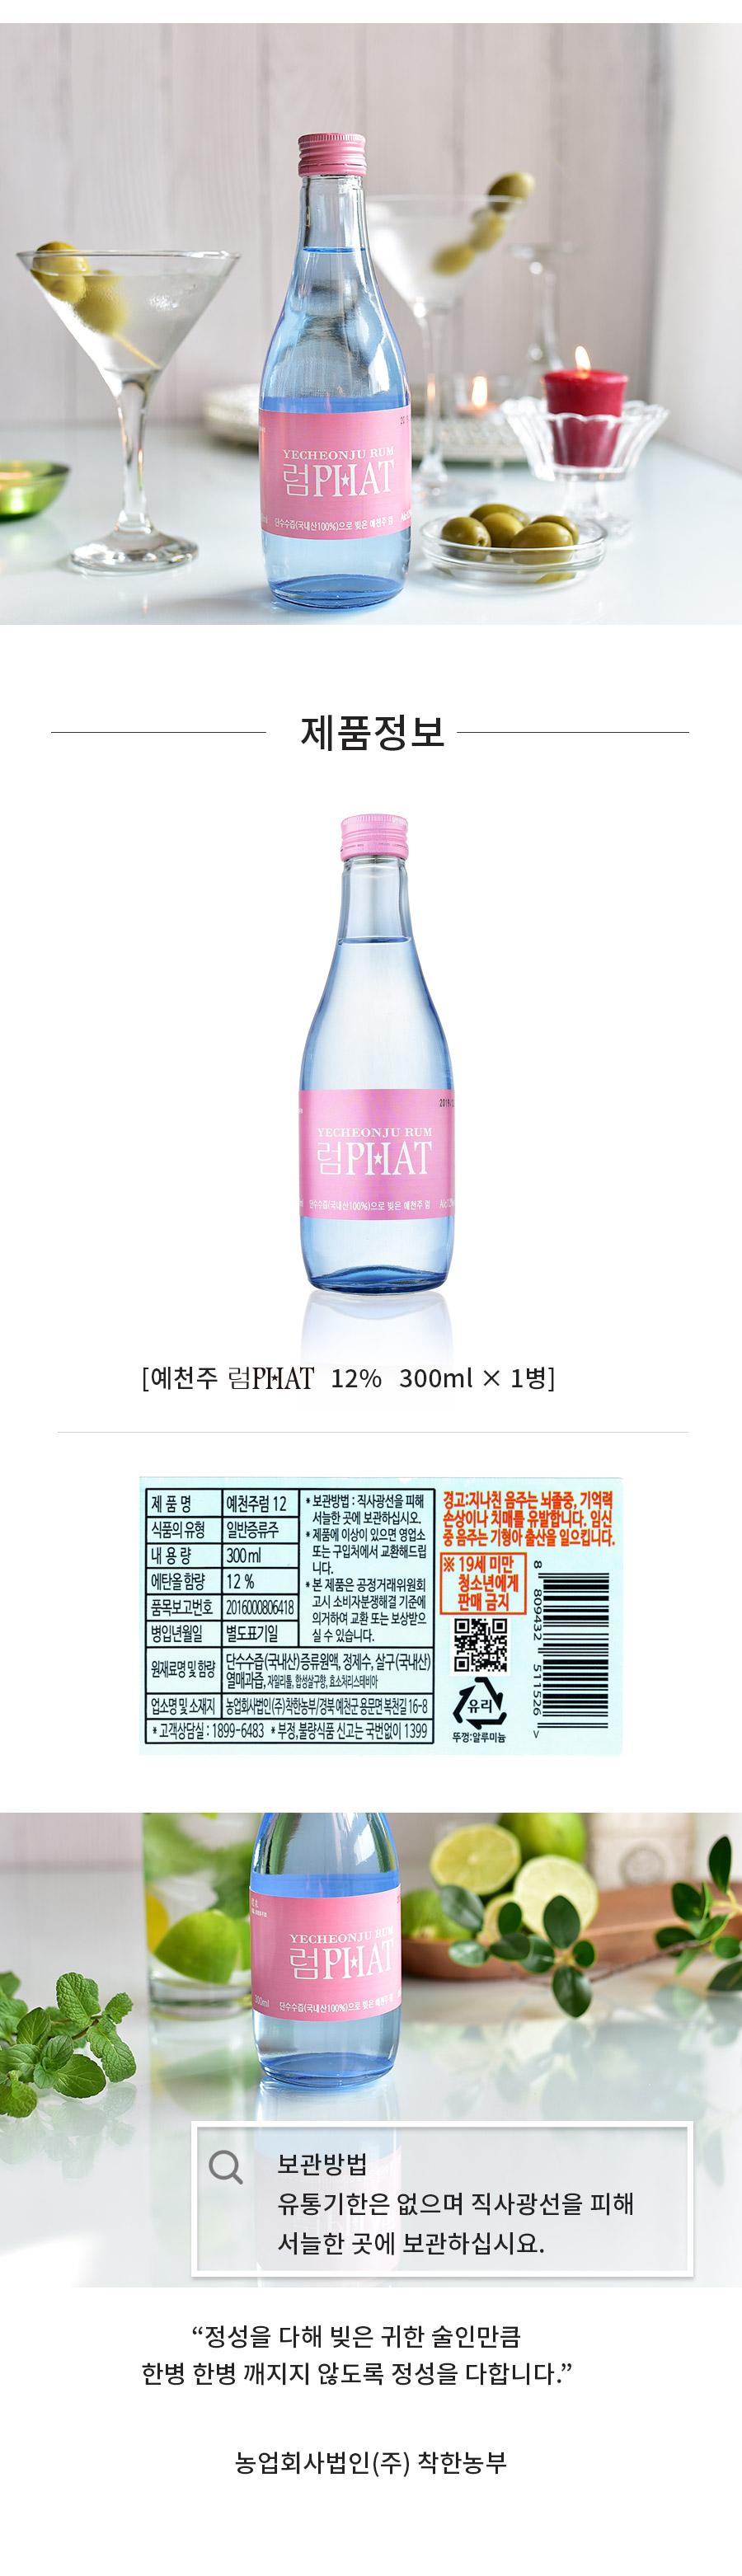 01-럼-핑크_03.jpg